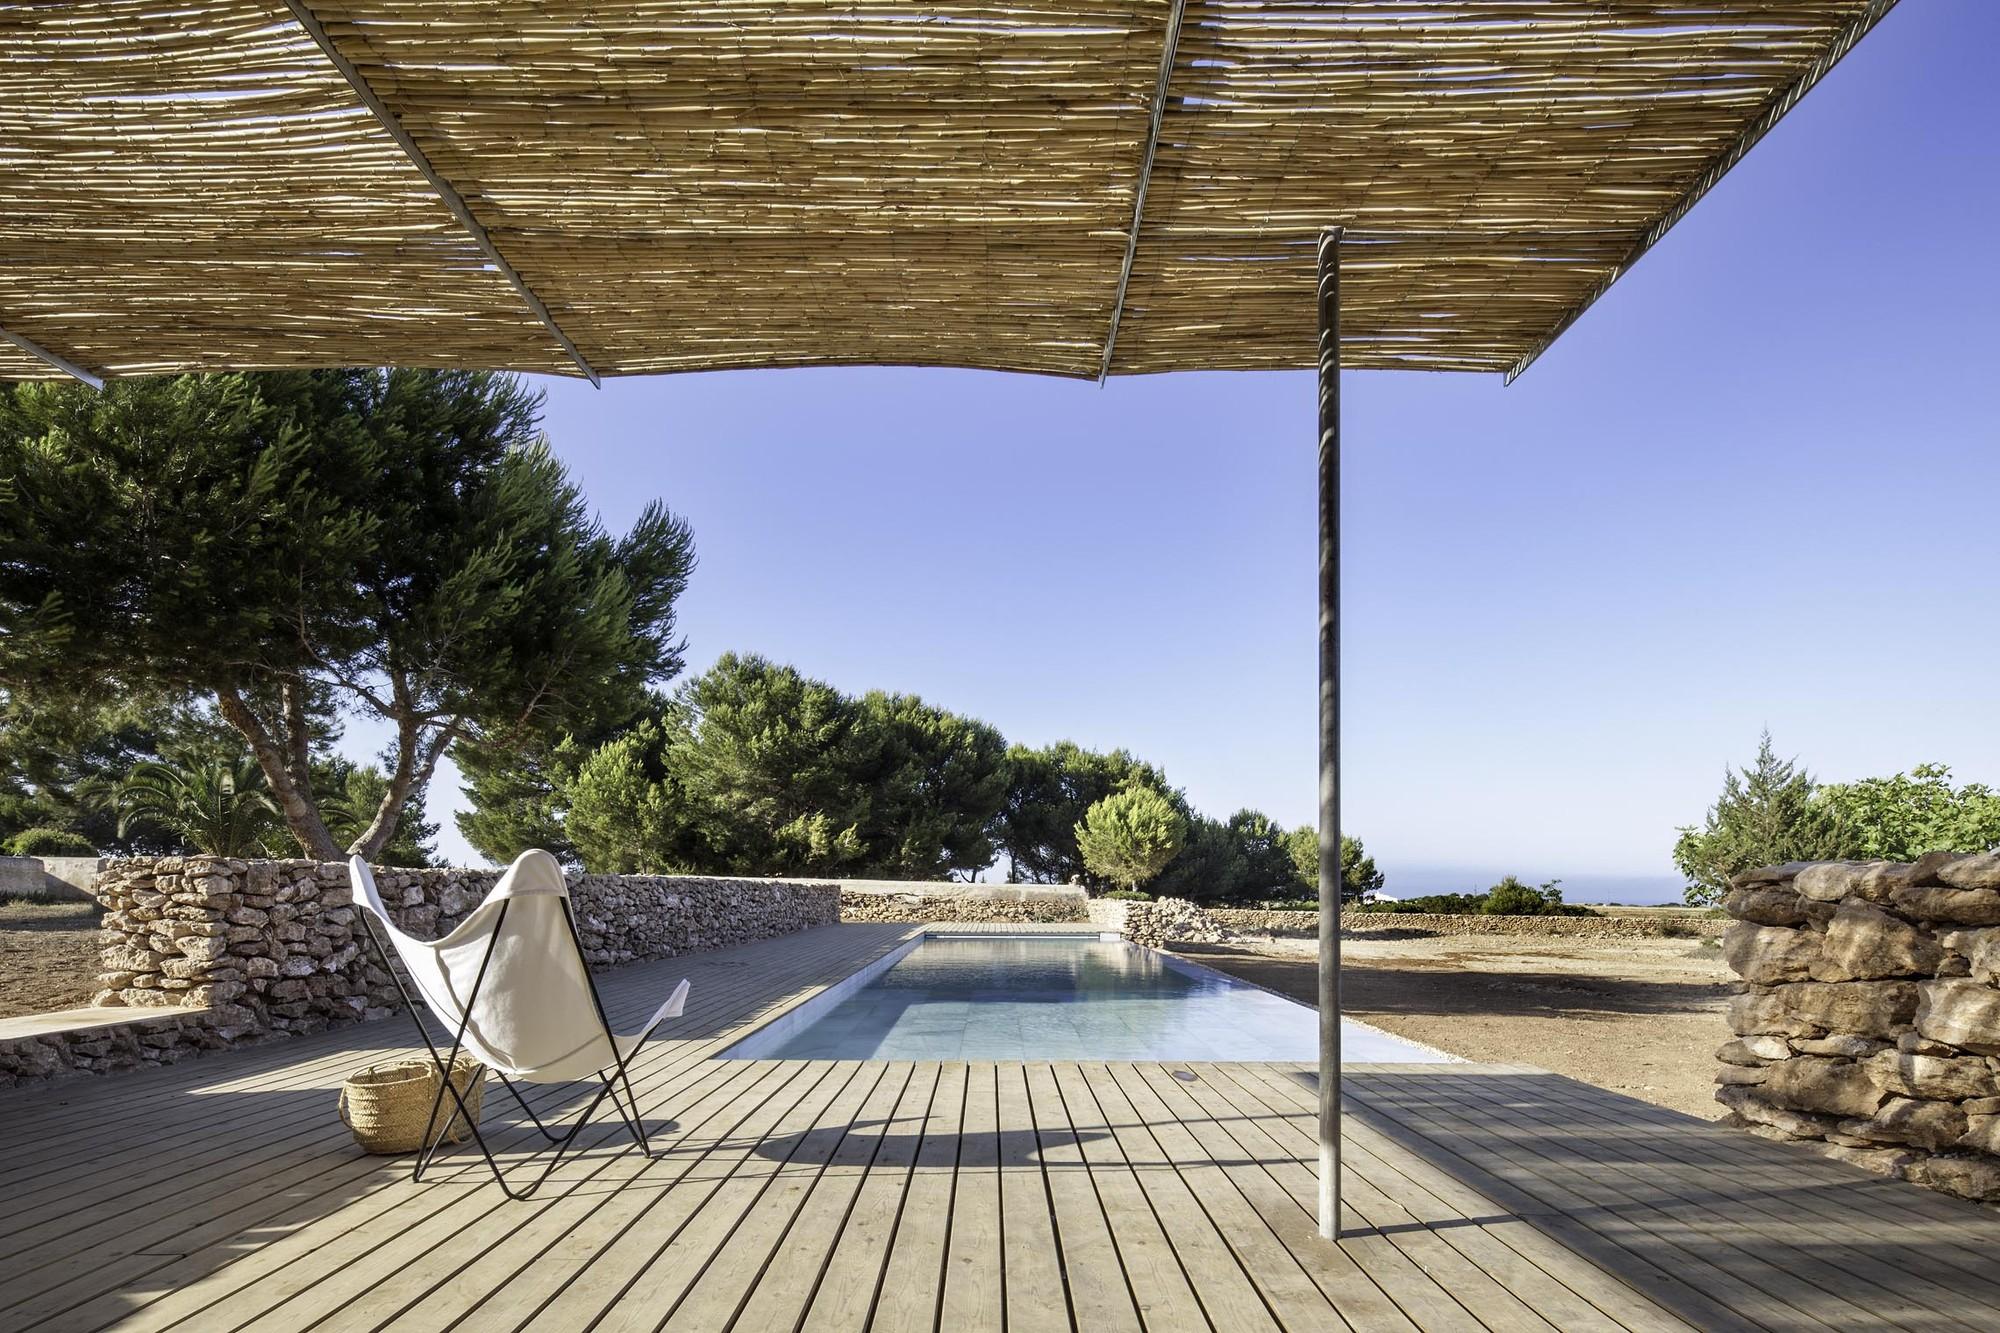 arquitectura y paisaje piscina en formentera por mari